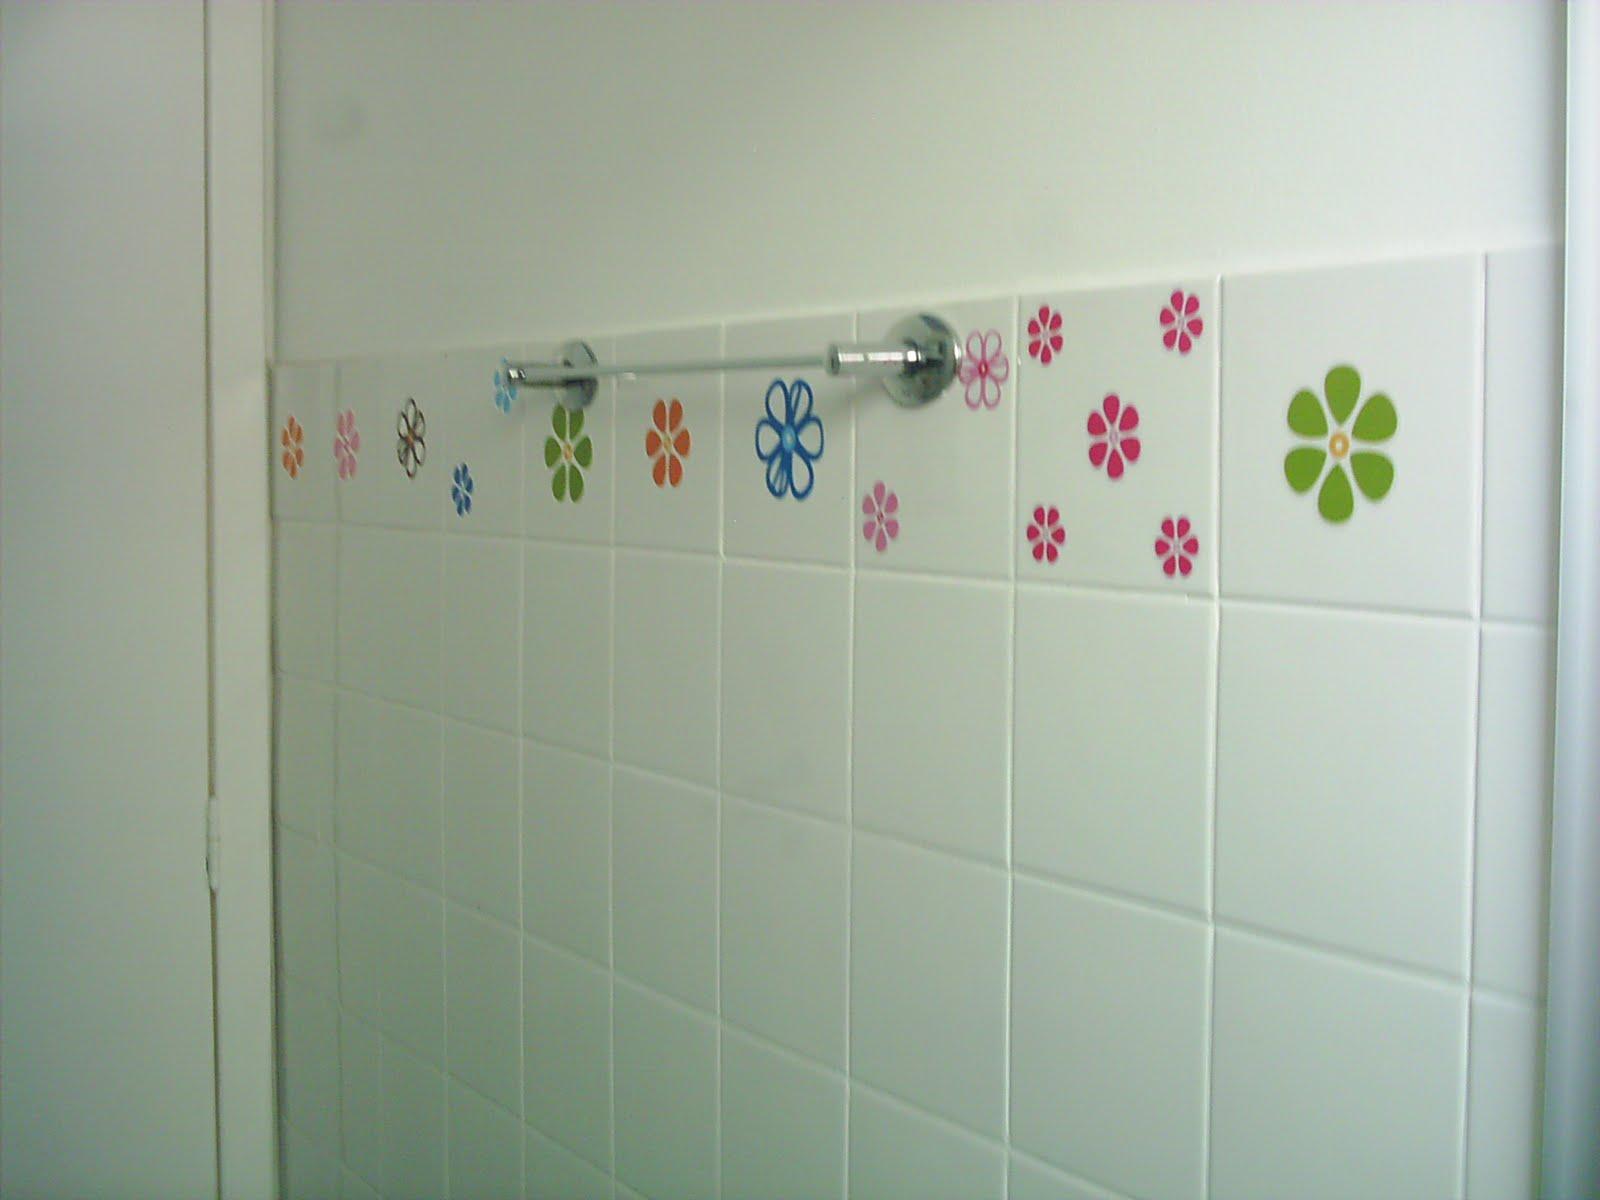 Azulejo para Banheiro Piso e Cerâmica Construdeia #943738 1600x1200 Azulejo Para Banheiro Decorado